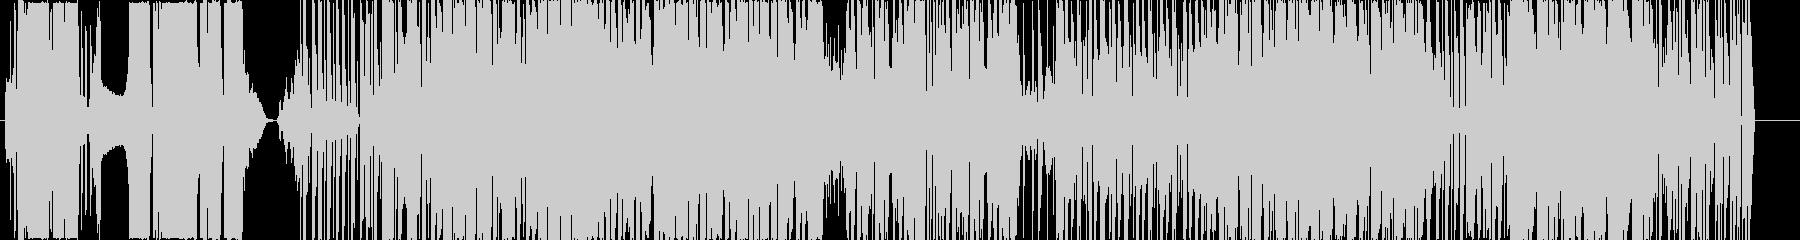 バーチャル&スピーディーなBGMの未再生の波形